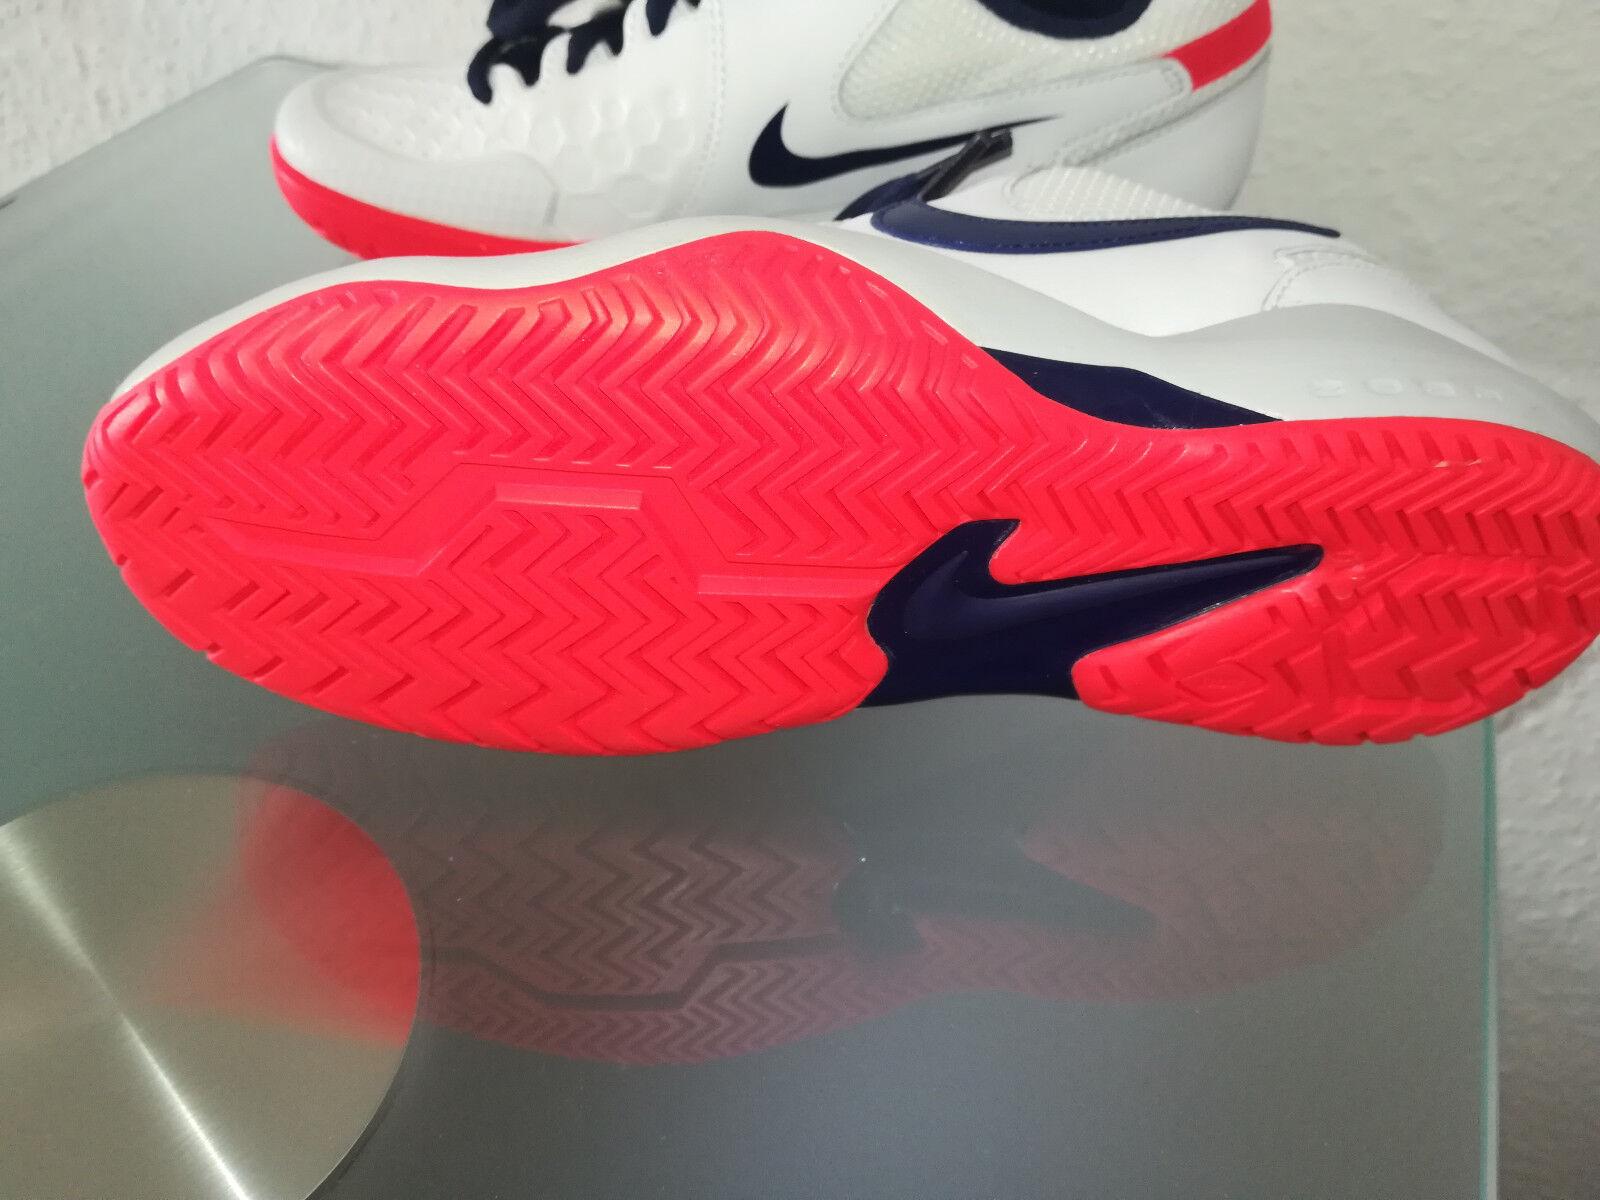 Nike Damen Court Schuhe Air Zoom Resistance 918201-146 Schuhe Court Neu Grau Gr.36 a7d753